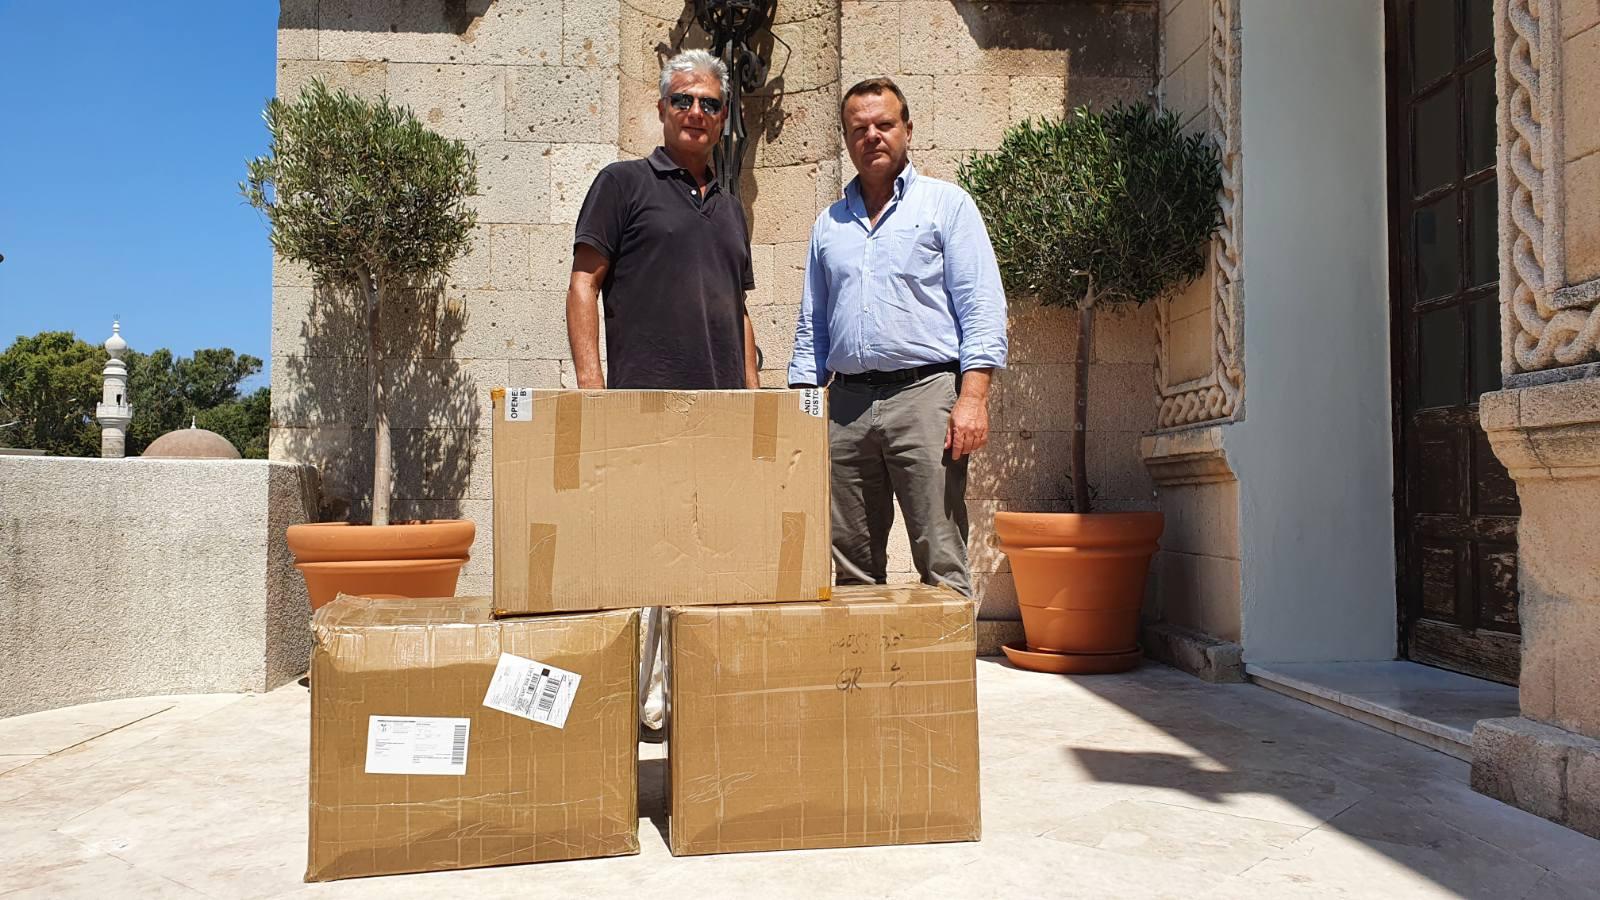 Δωρεά υγειονομικού υλικού από την τεχνική εταιρία «ΕΡΓΩΝΗΣ» ως συνδρομή στις προσπάθειες της Π.N.AIγια υγειονομική θωράκιση